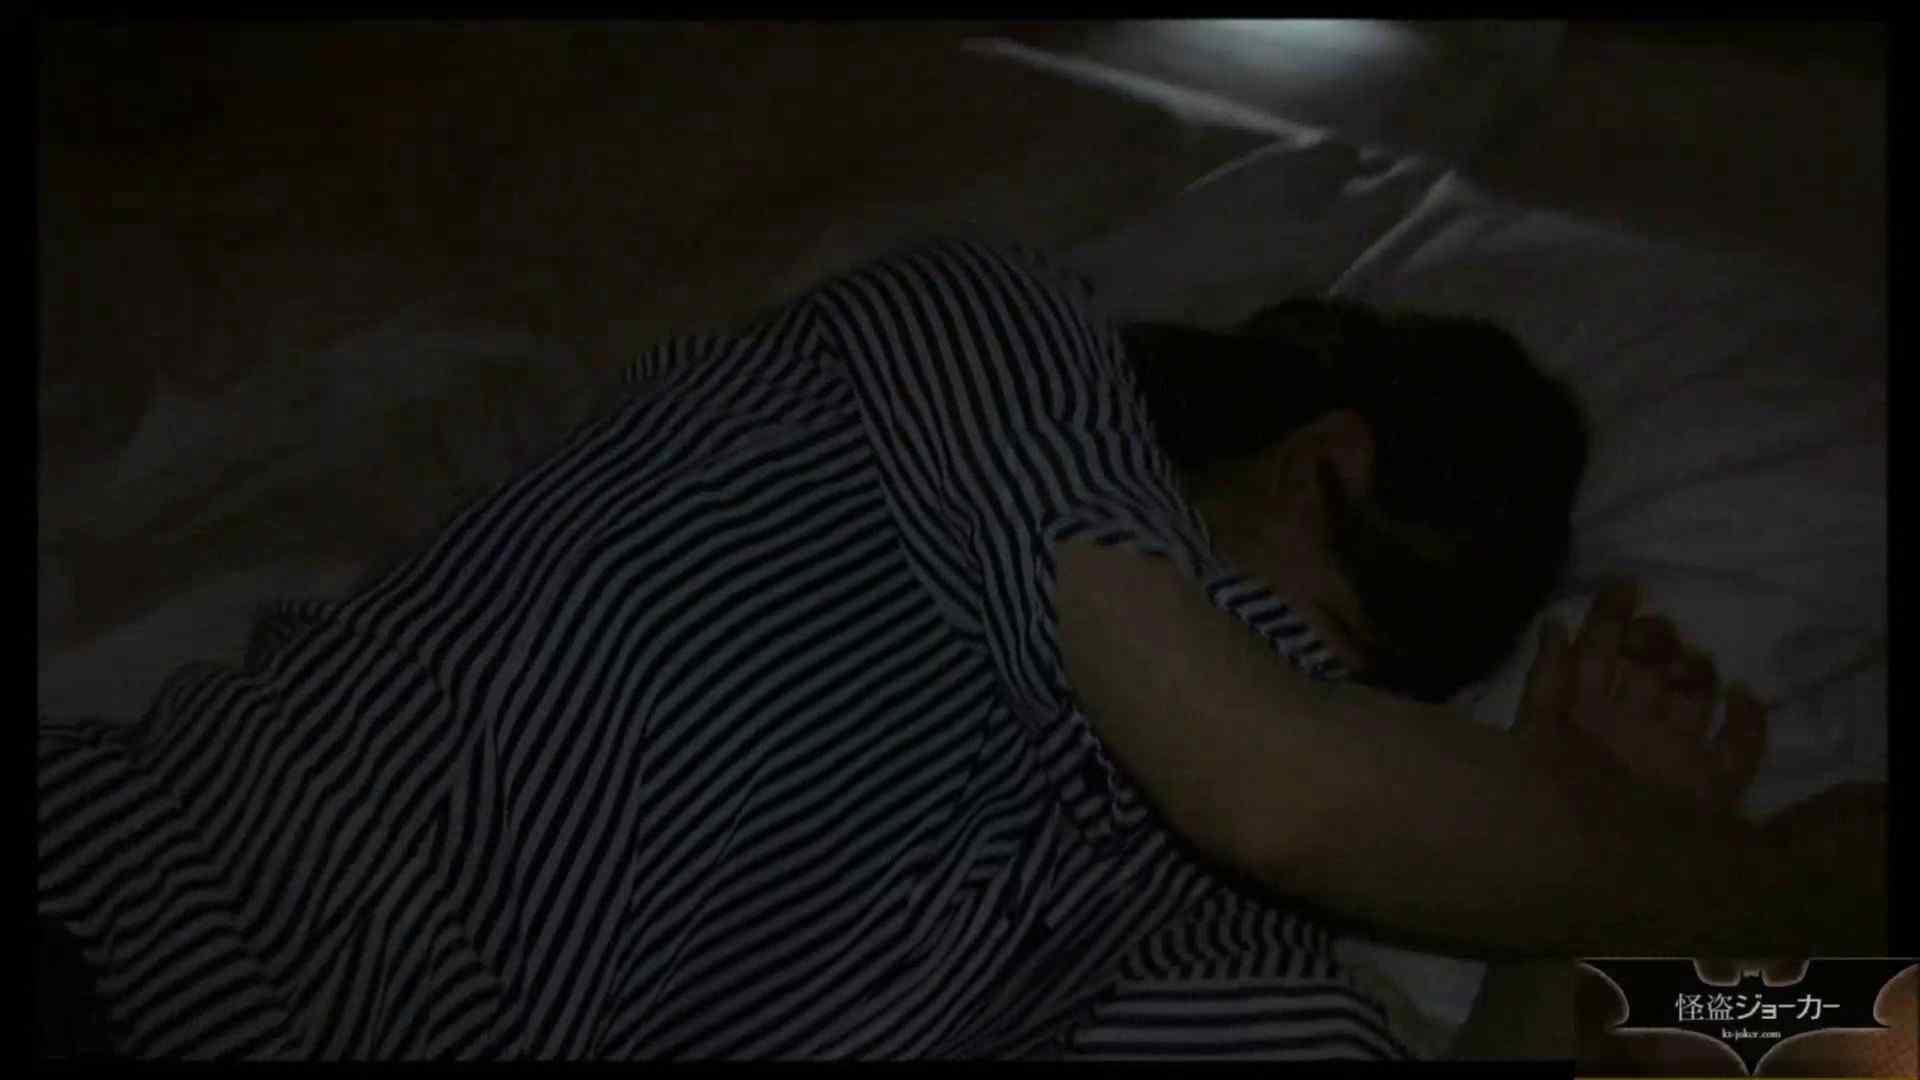 【未公開】vol.65 {黒髪美少女18歳}AIちゃん、連れ込み悪戯③ 丸見え  92枚 42